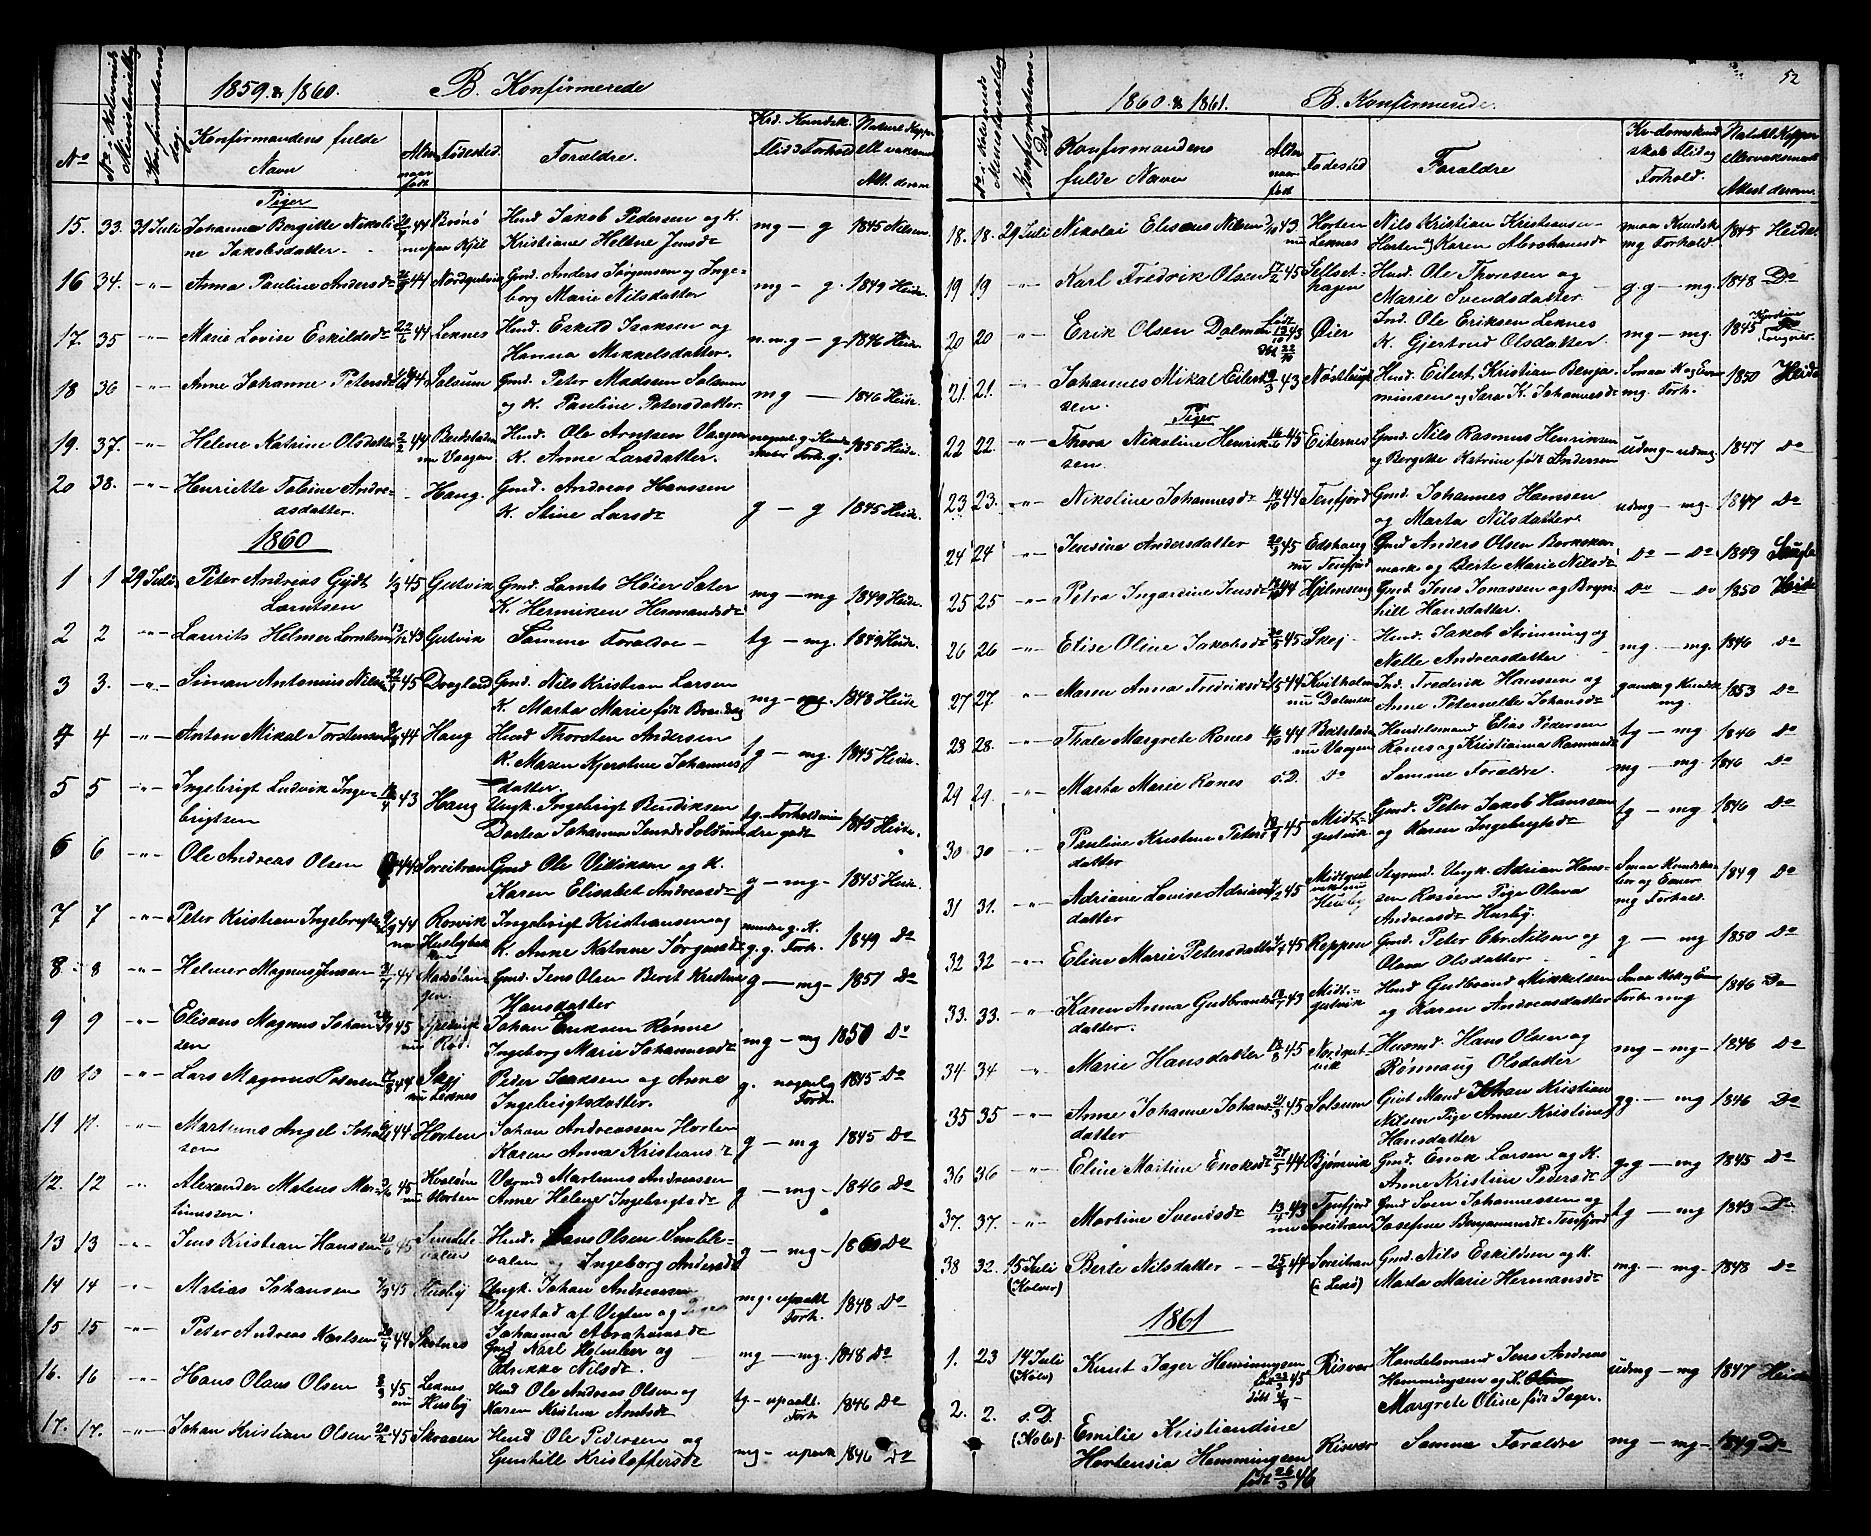 SAT, Ministerialprotokoller, klokkerbøker og fødselsregistre - Nord-Trøndelag, 788/L0695: Ministerialbok nr. 788A02, 1843-1862, s. 52